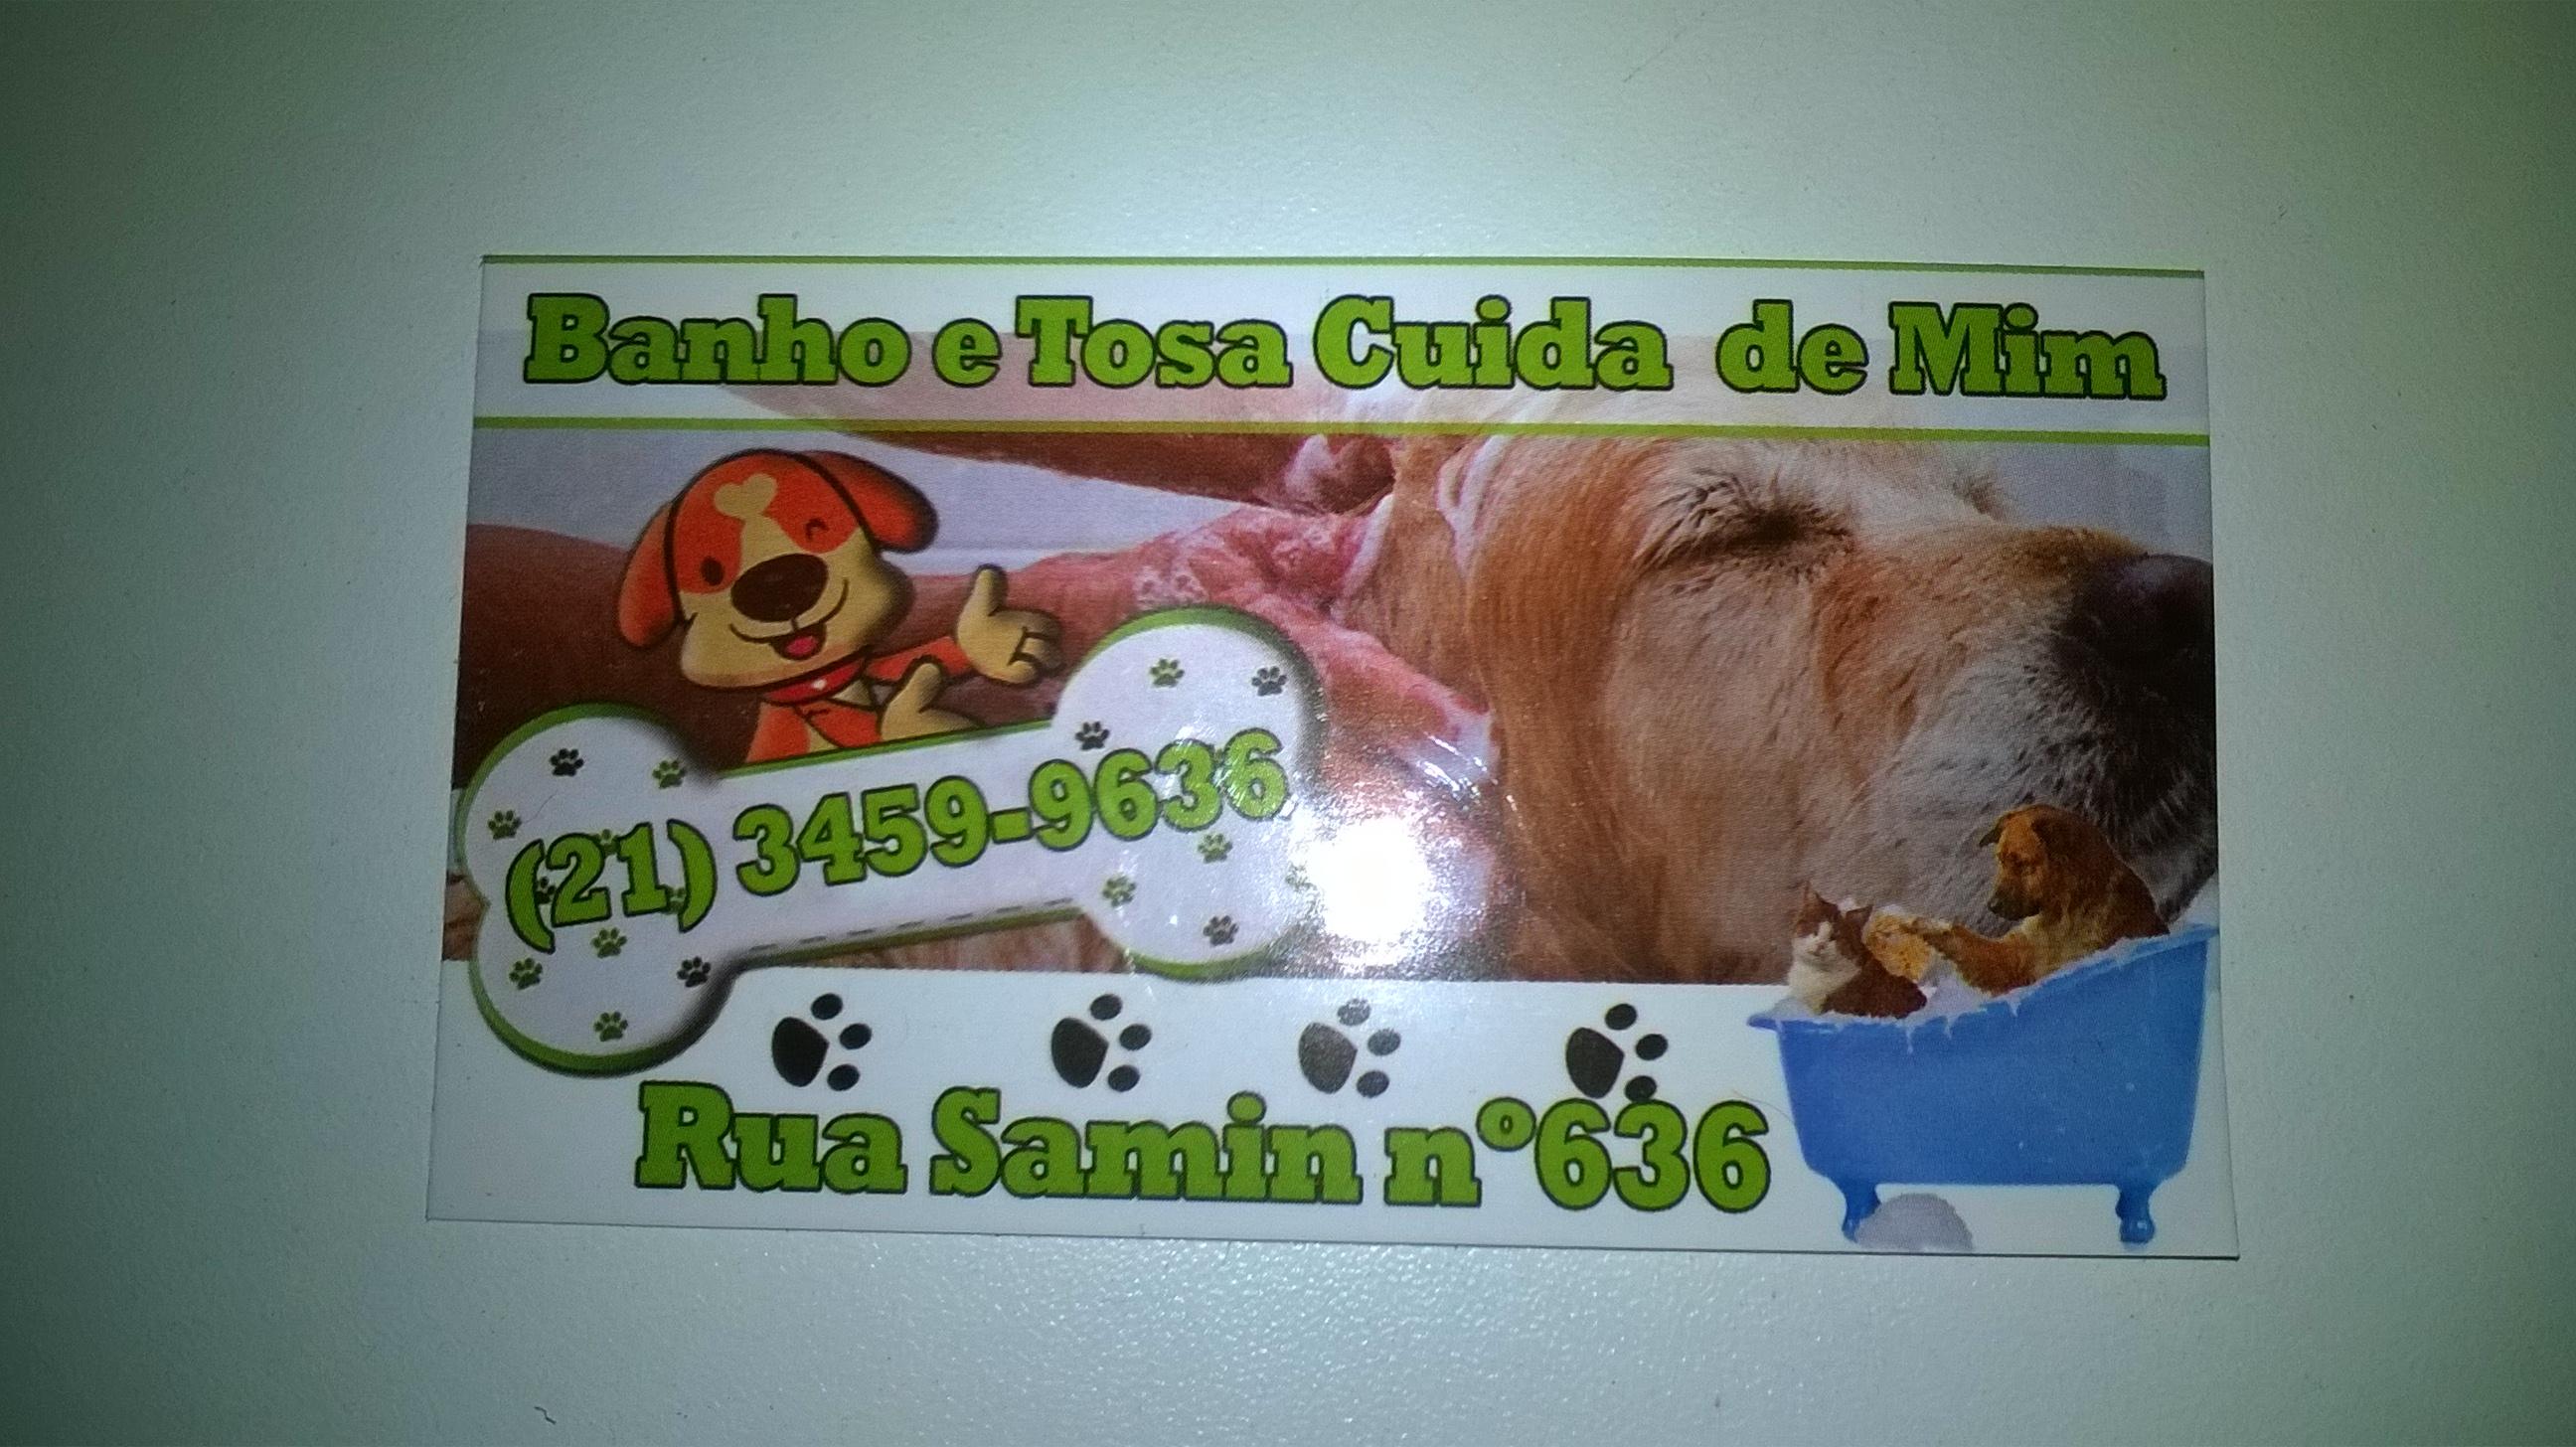 BANHO E TOSA CUIDA DE MIM